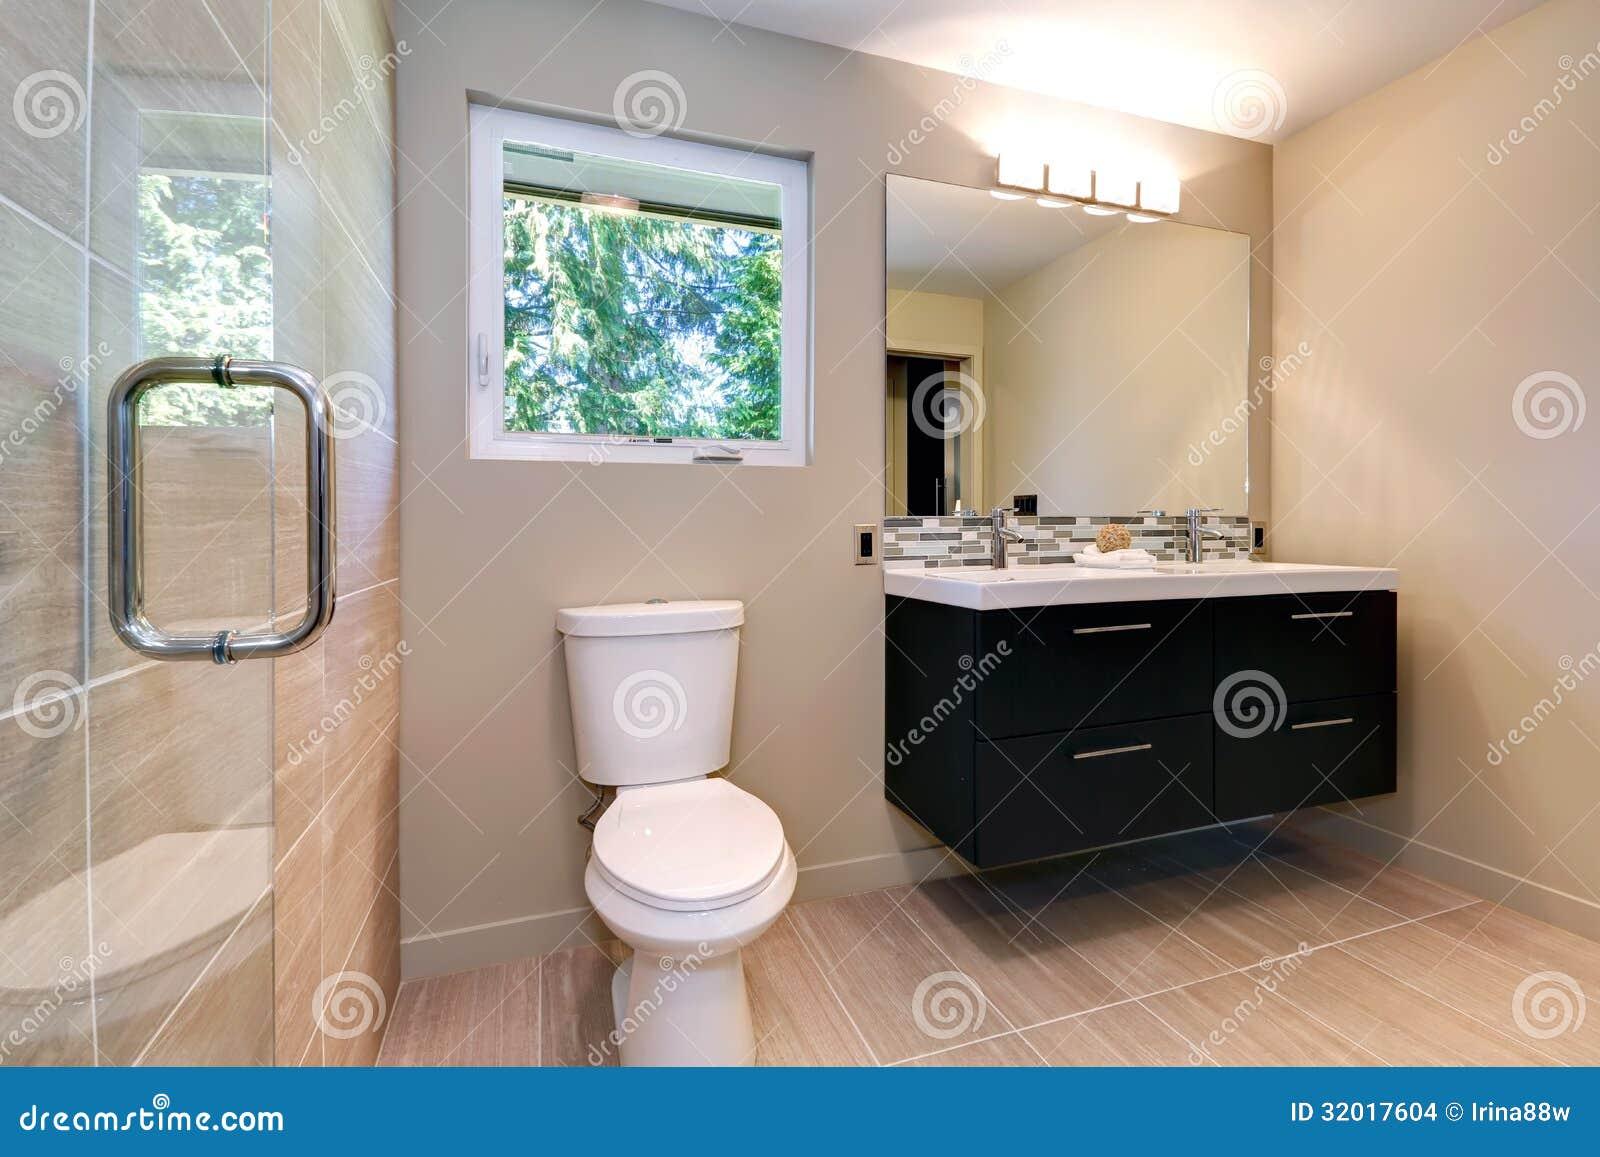 Banheiro Moderno Simples Novo Com Dissipadores Dobro E O Azulejo Natural Ima -> Banheiro Moderno E Simples